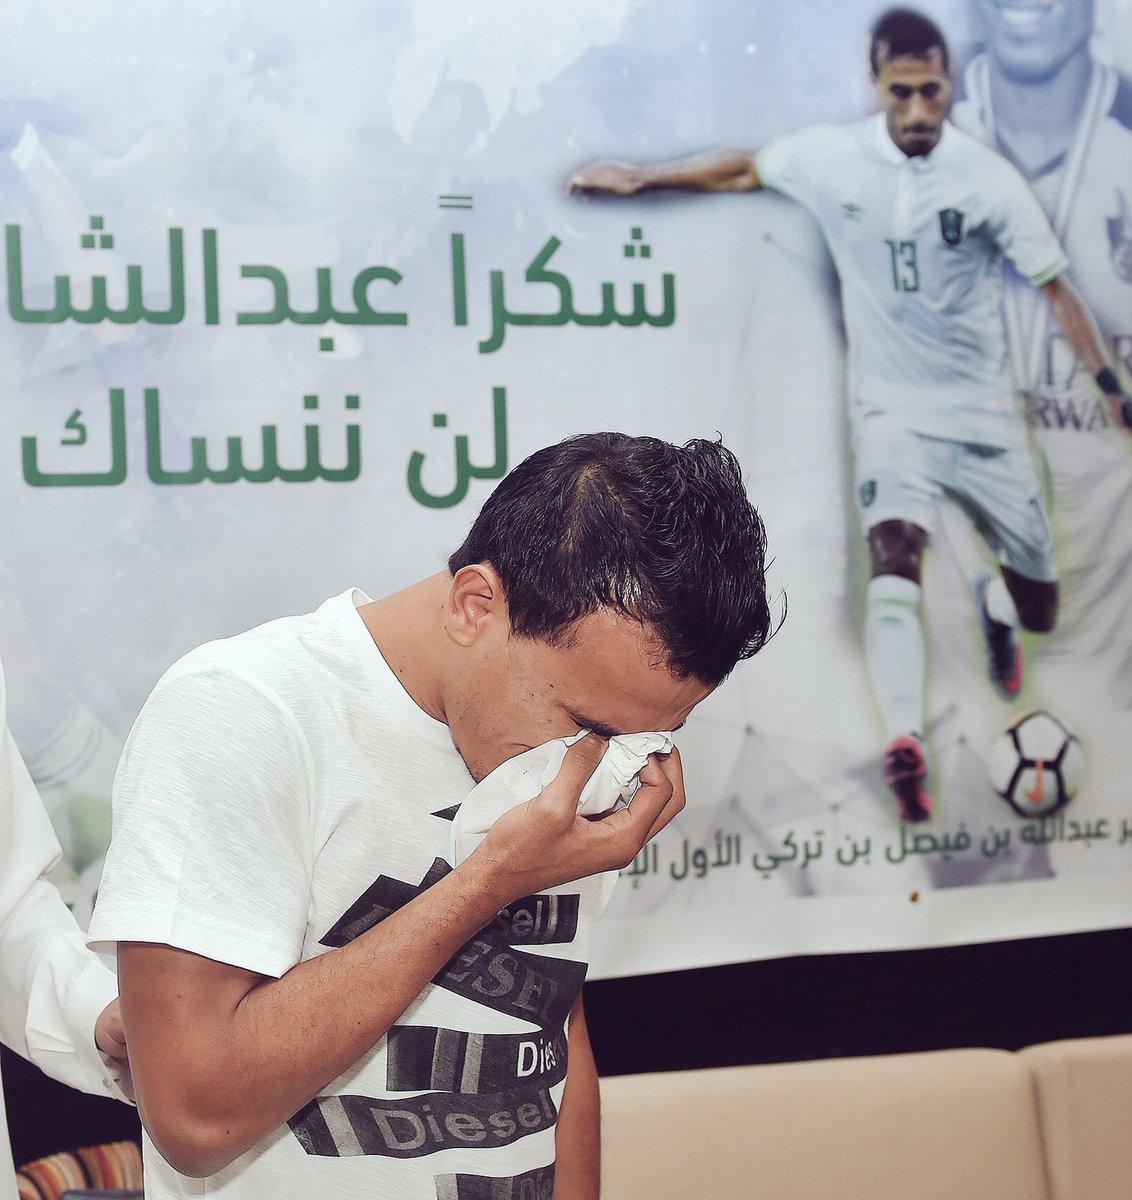 الدموع اختصرت كل الكلام . #شكراً_شيفو ht...